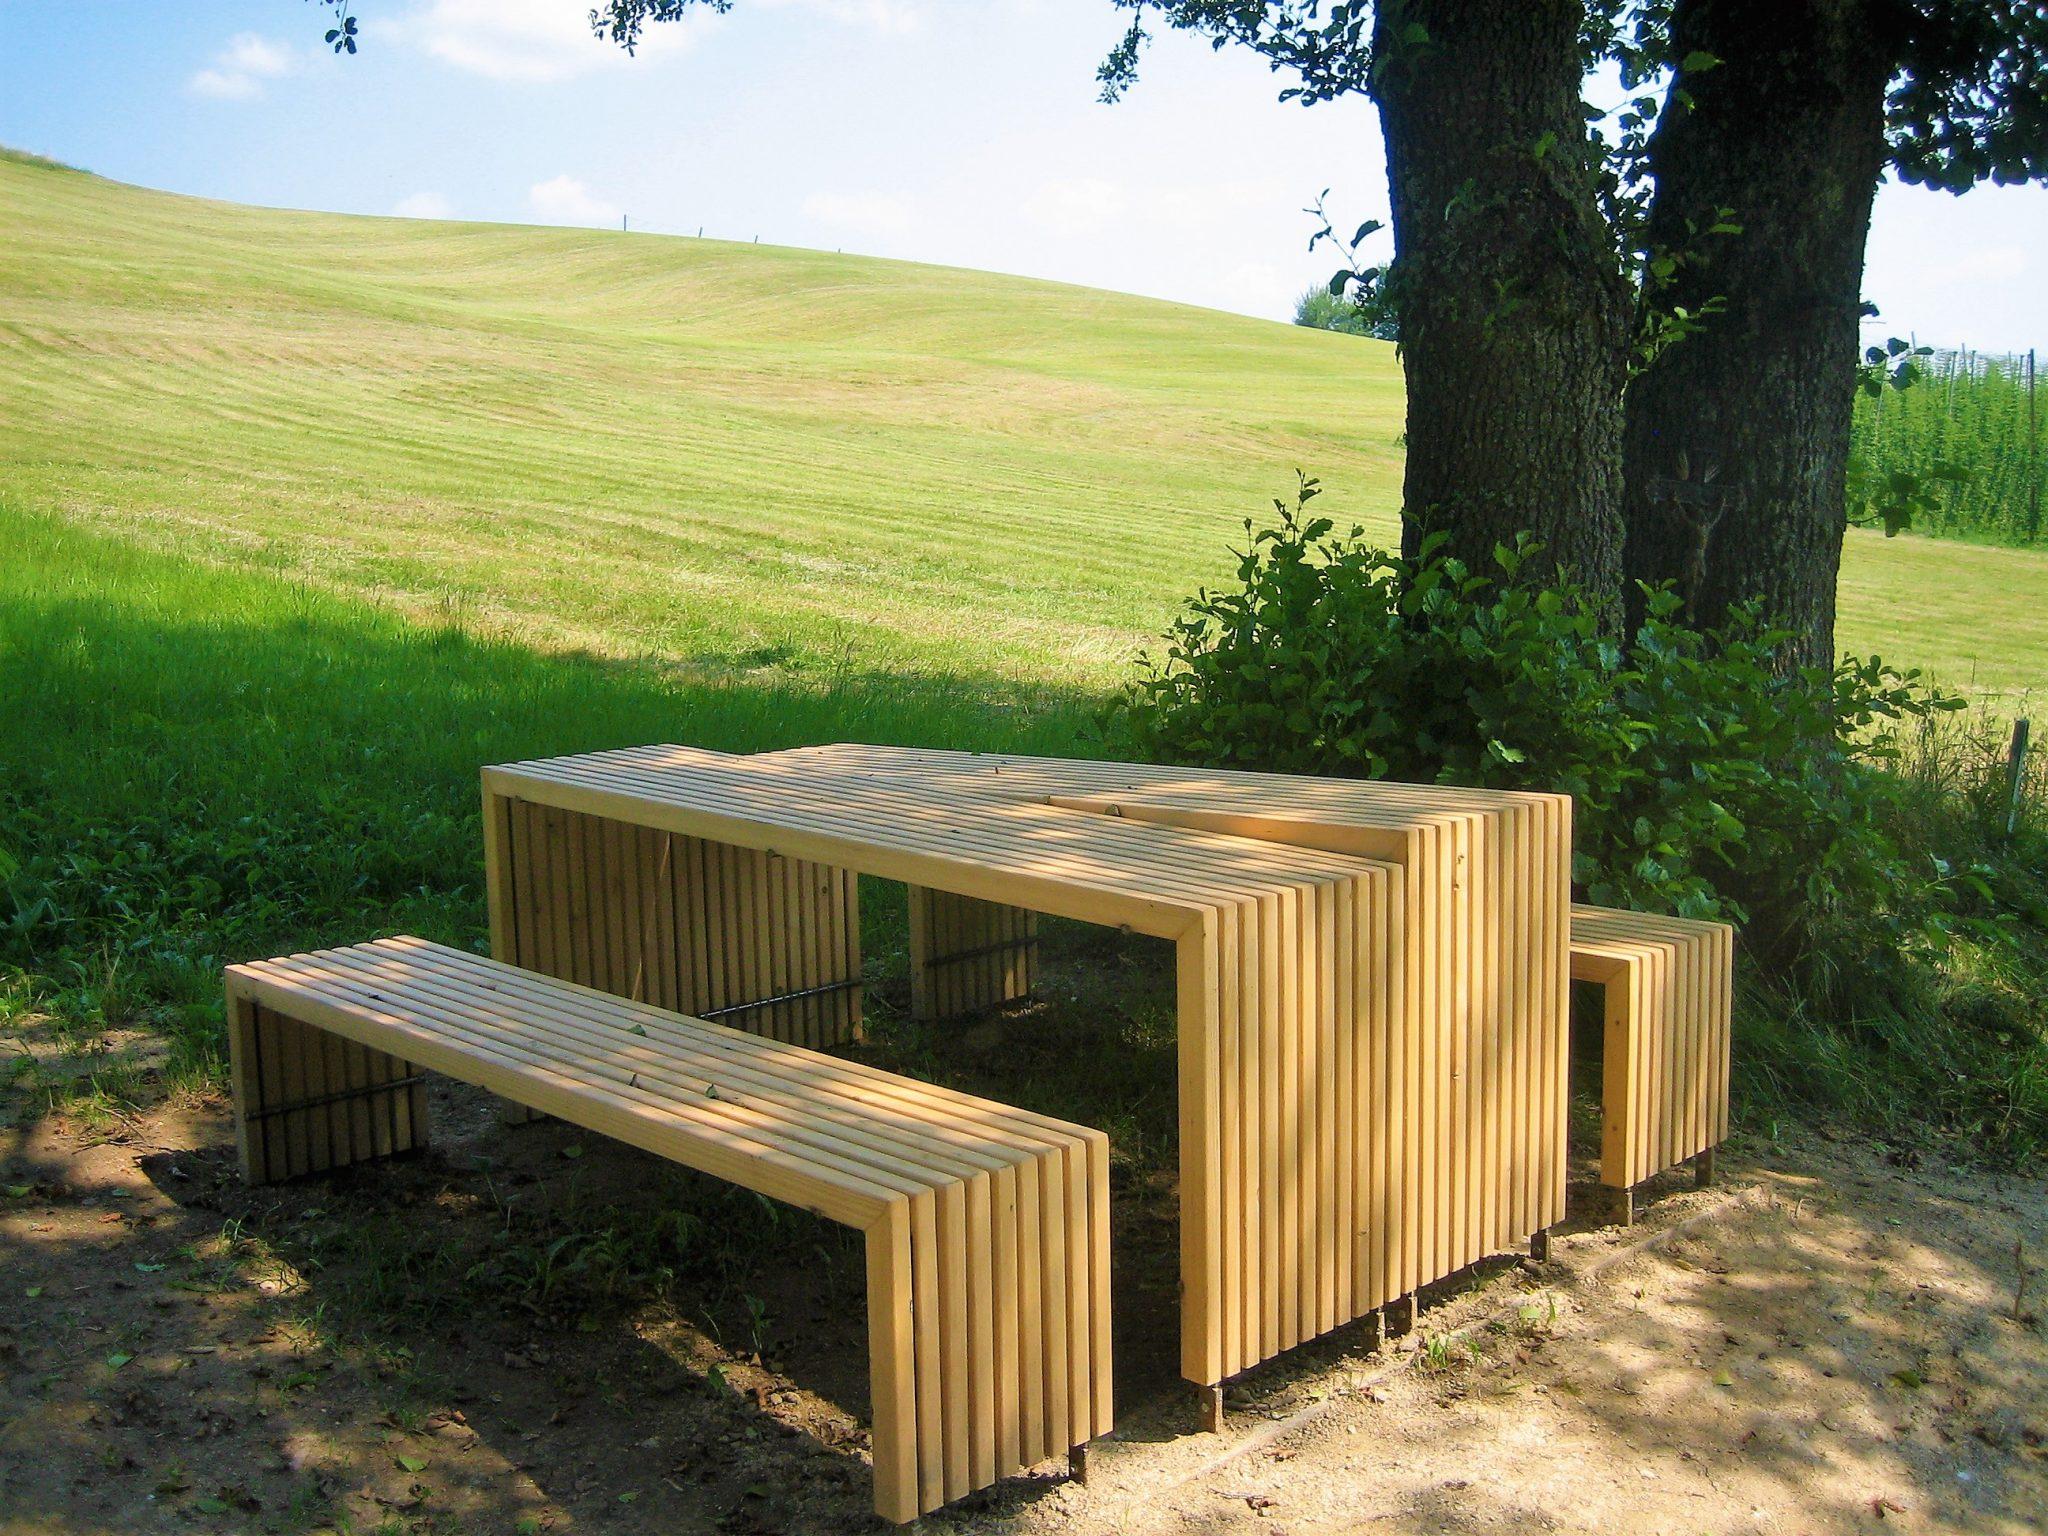 Raststation Genuss, Bänke und Tisch